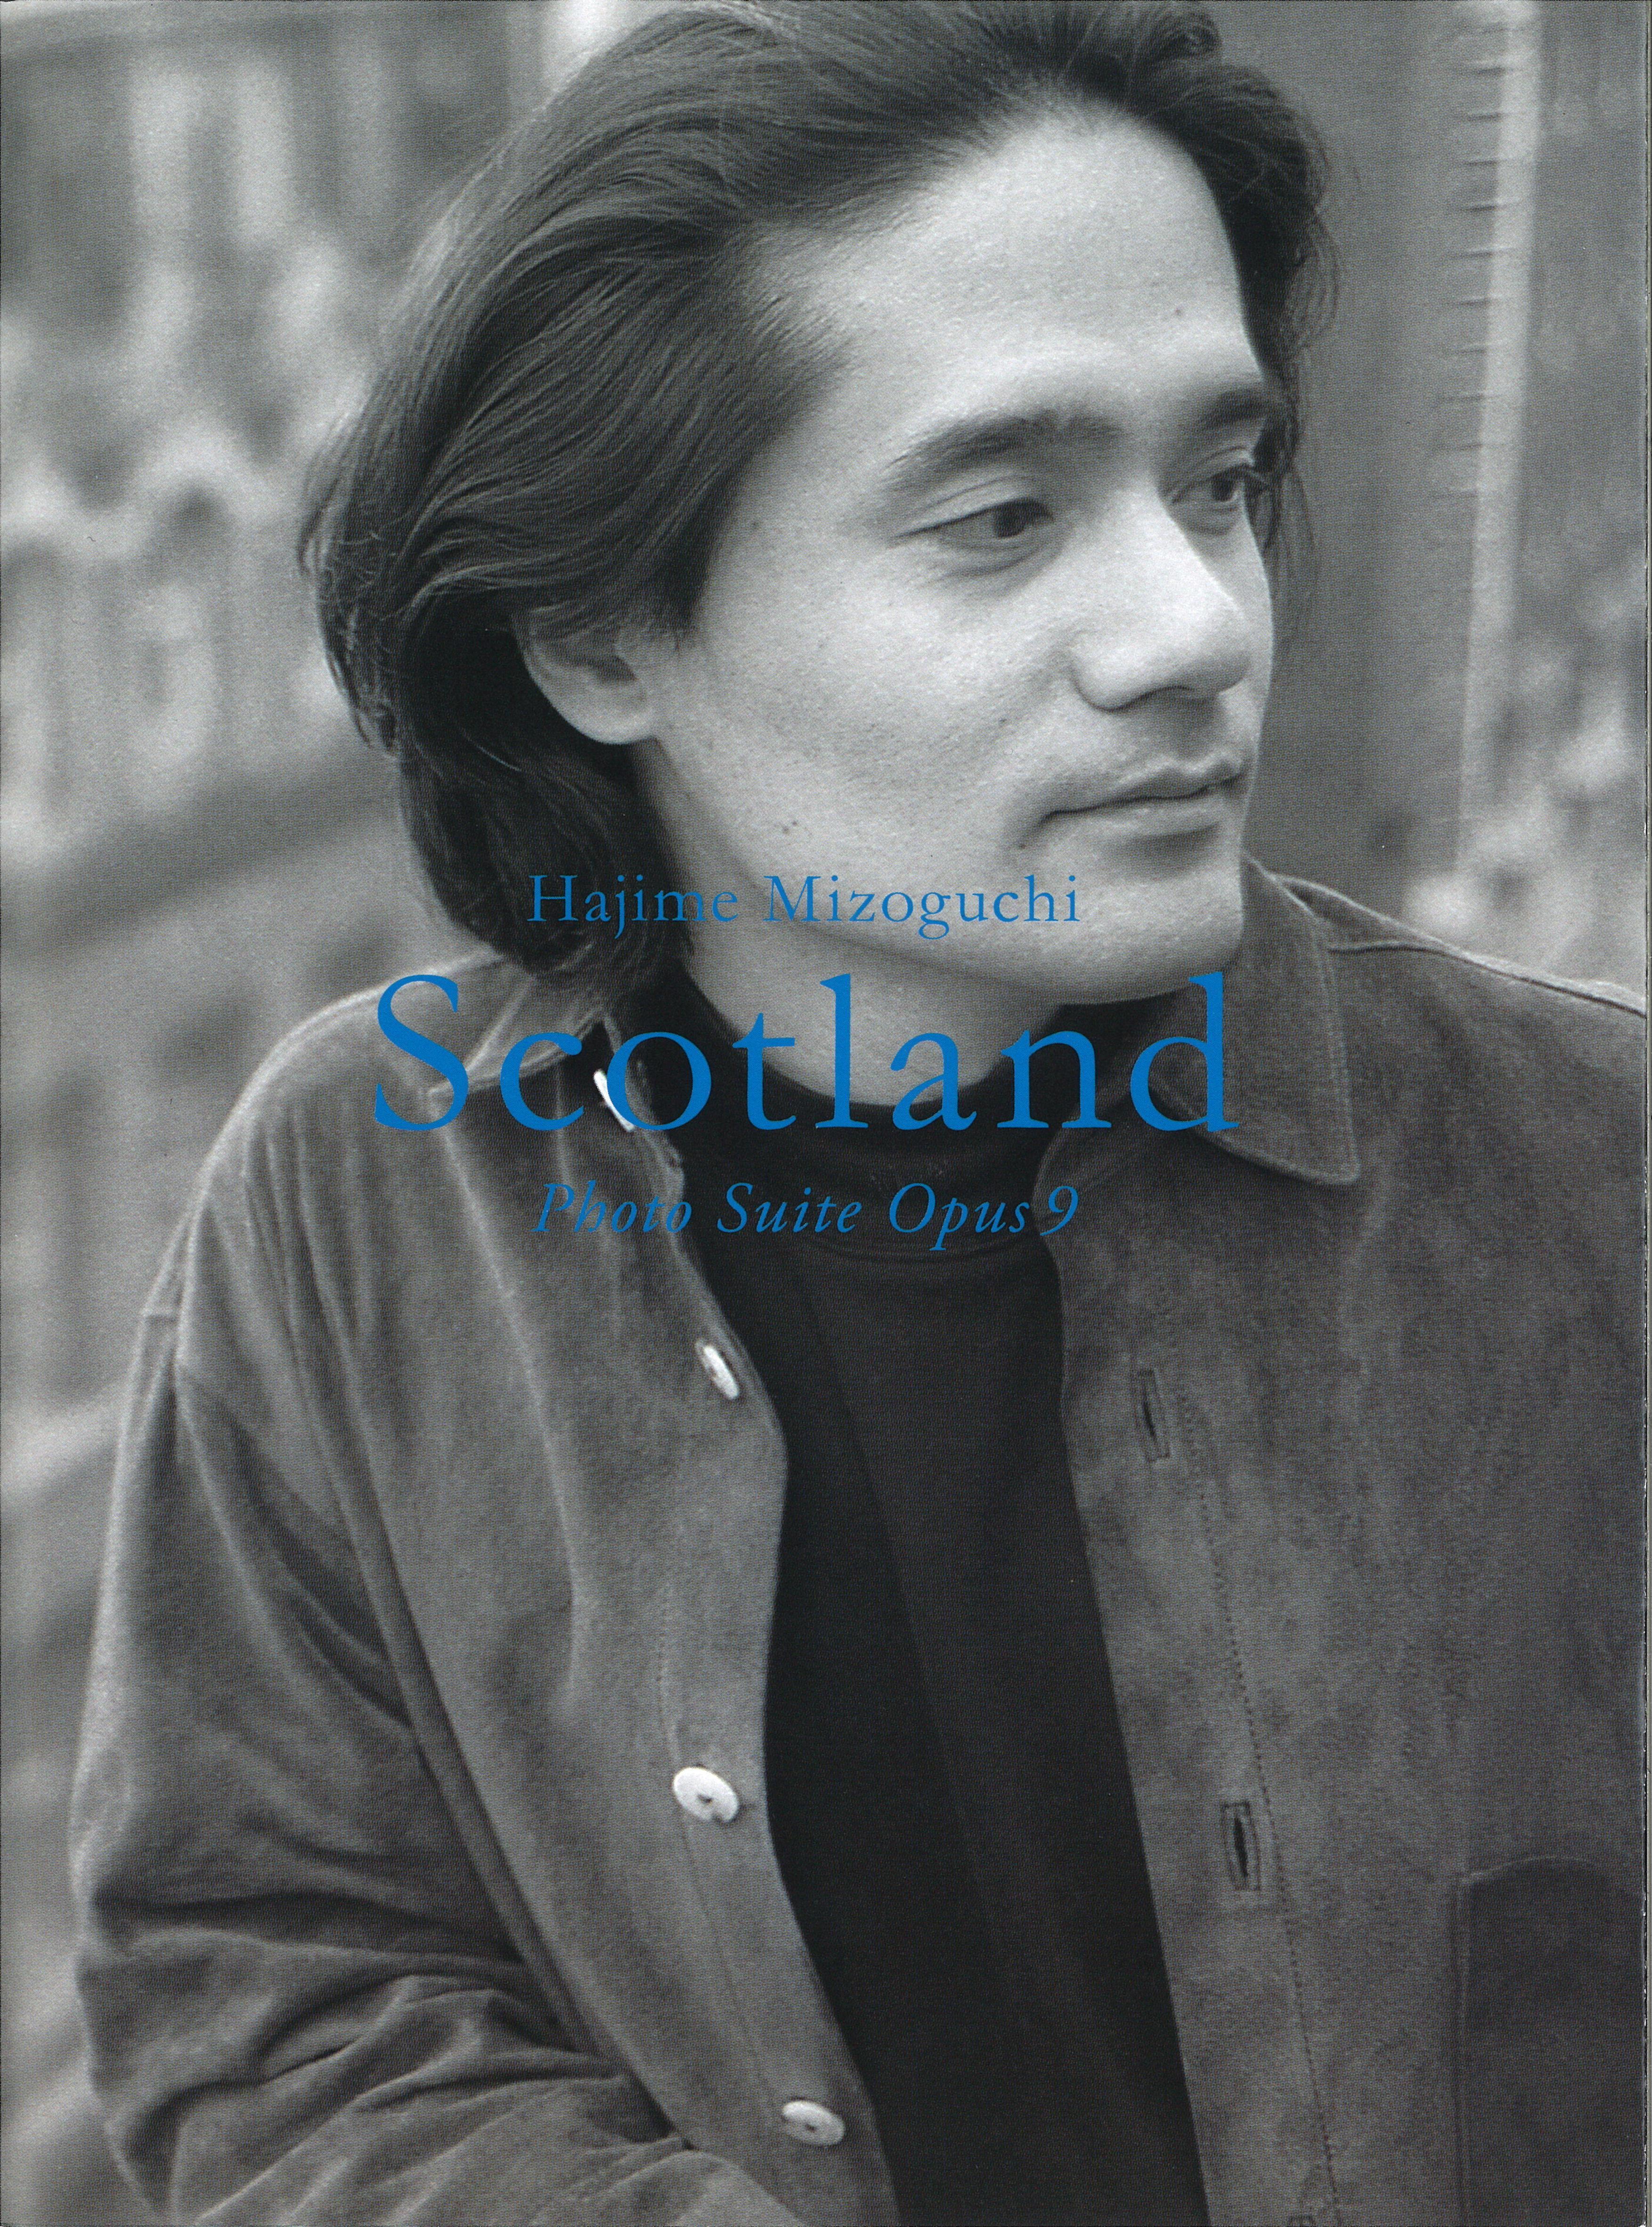 溝口肇写真集 第9集 「Scotland」